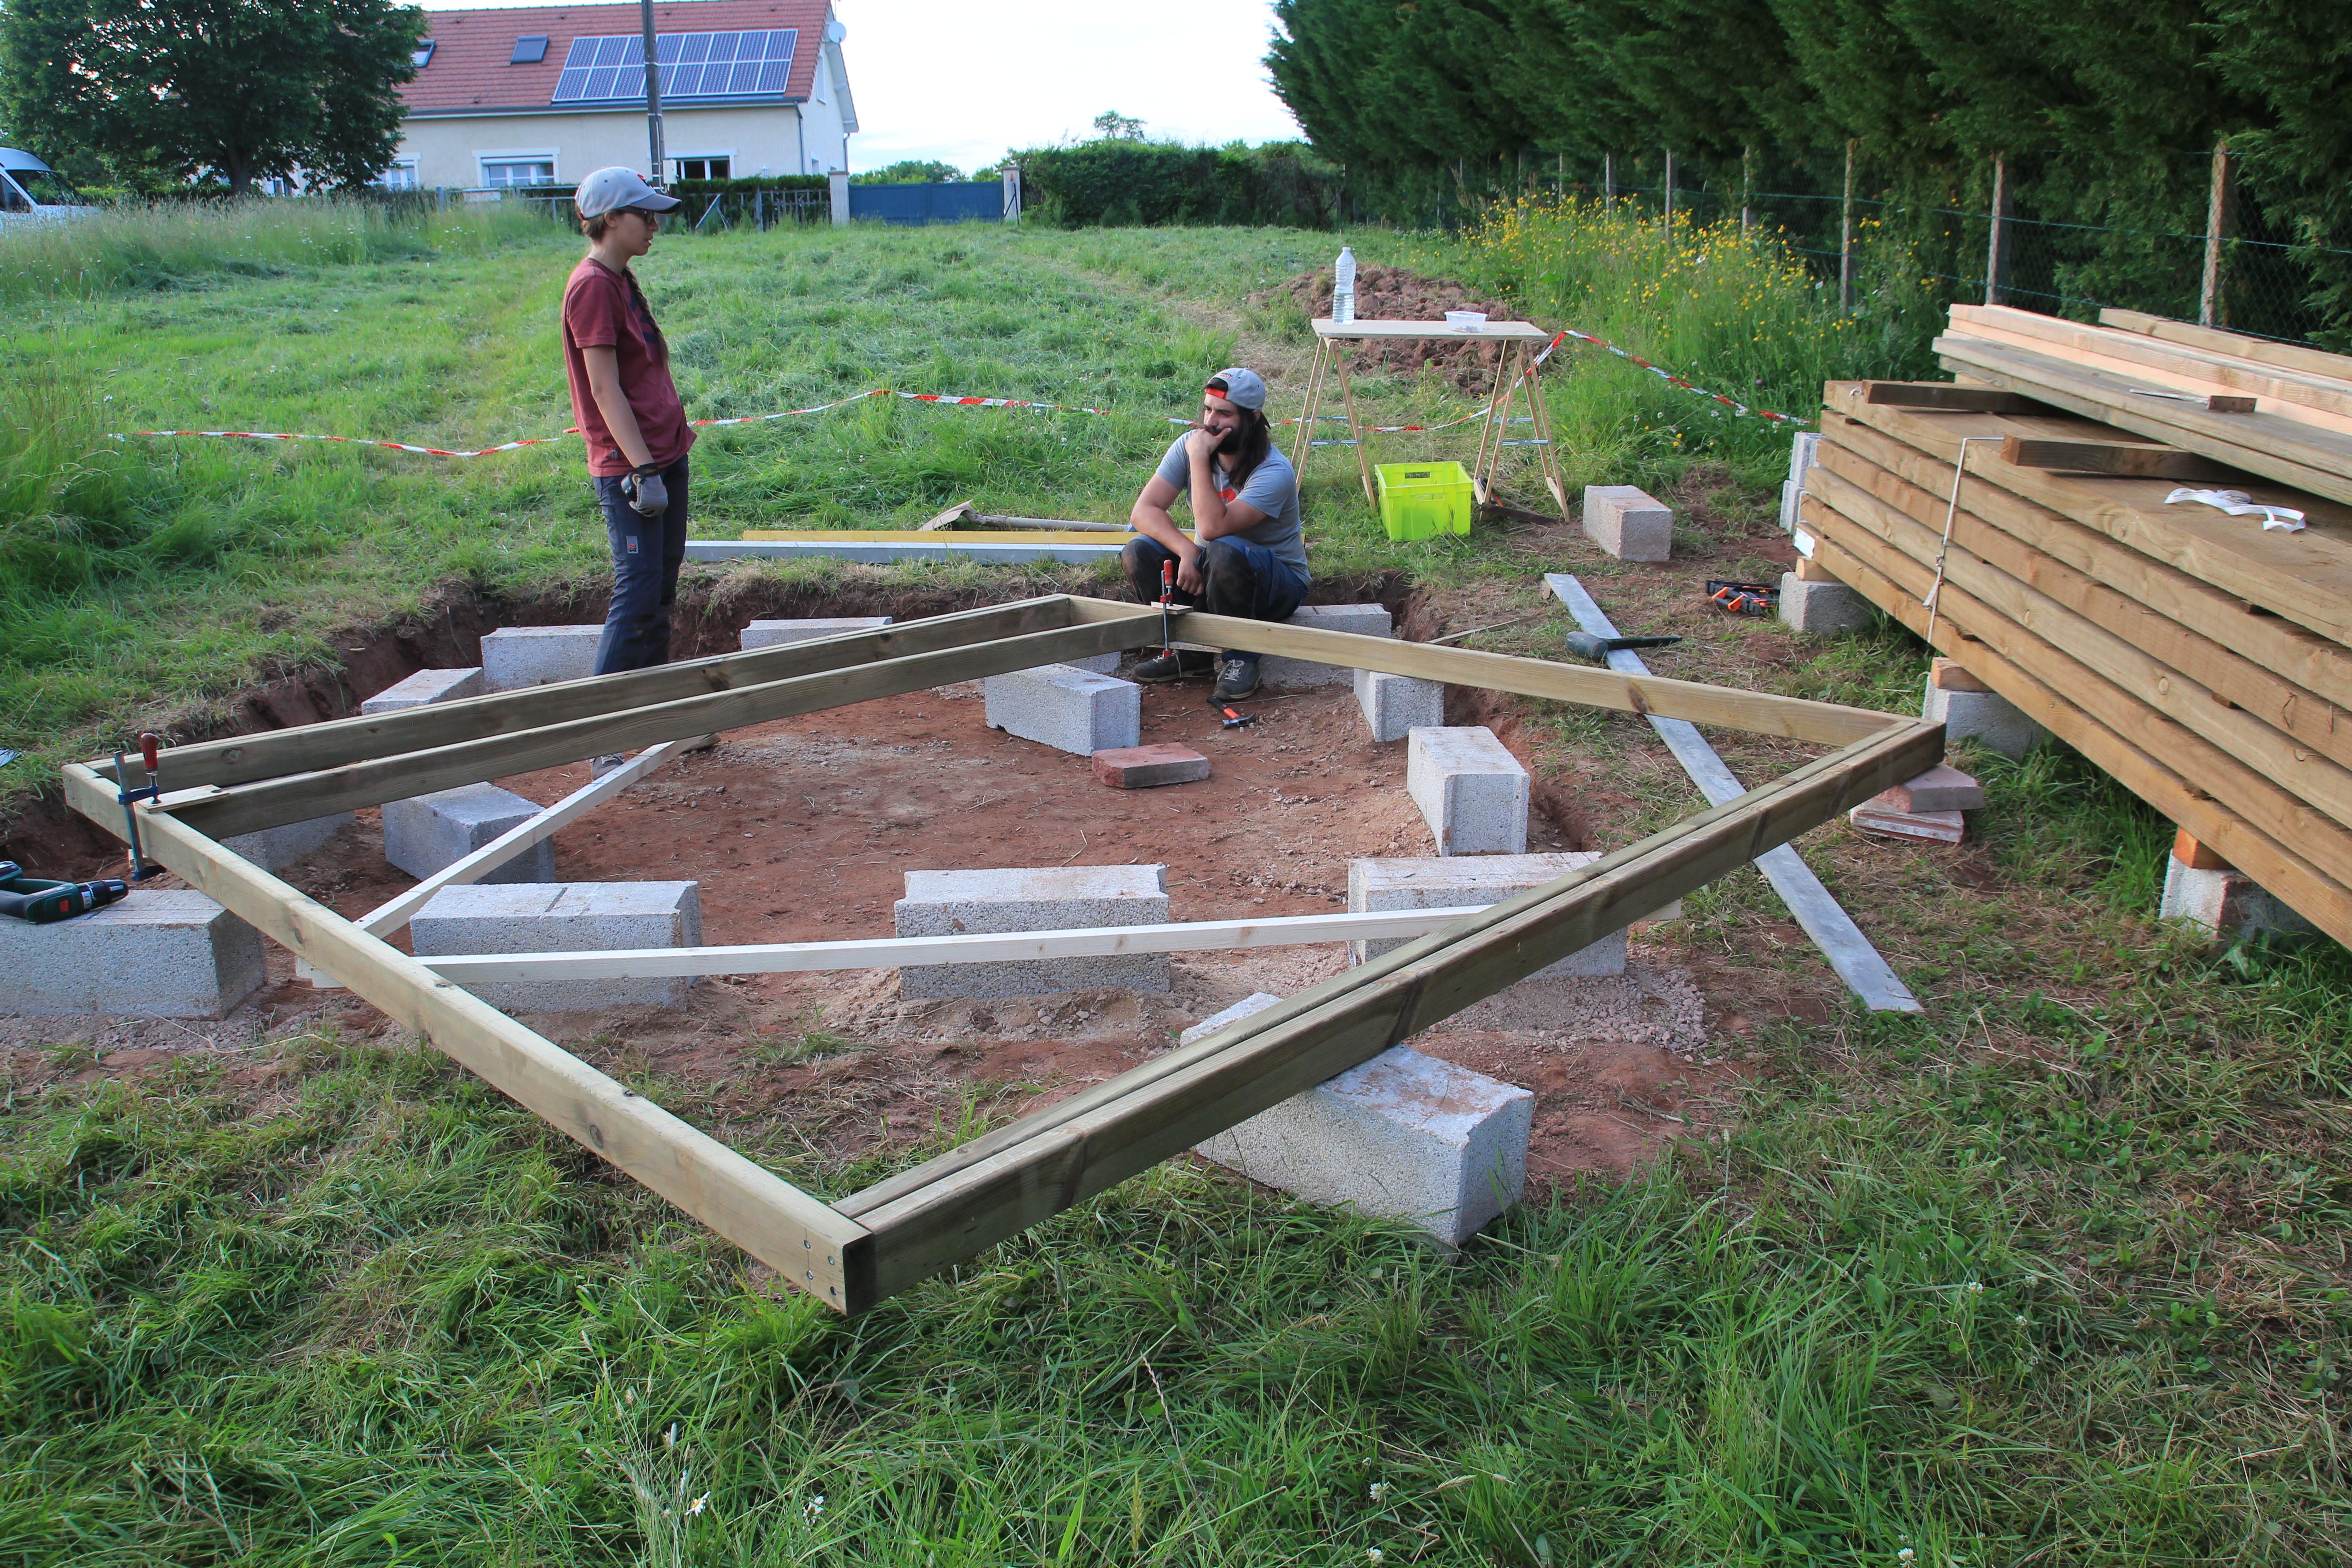 Sur Quoi Poser Un Abri De Jardin fondations et dalle bois - suite et fin [abri de jardin